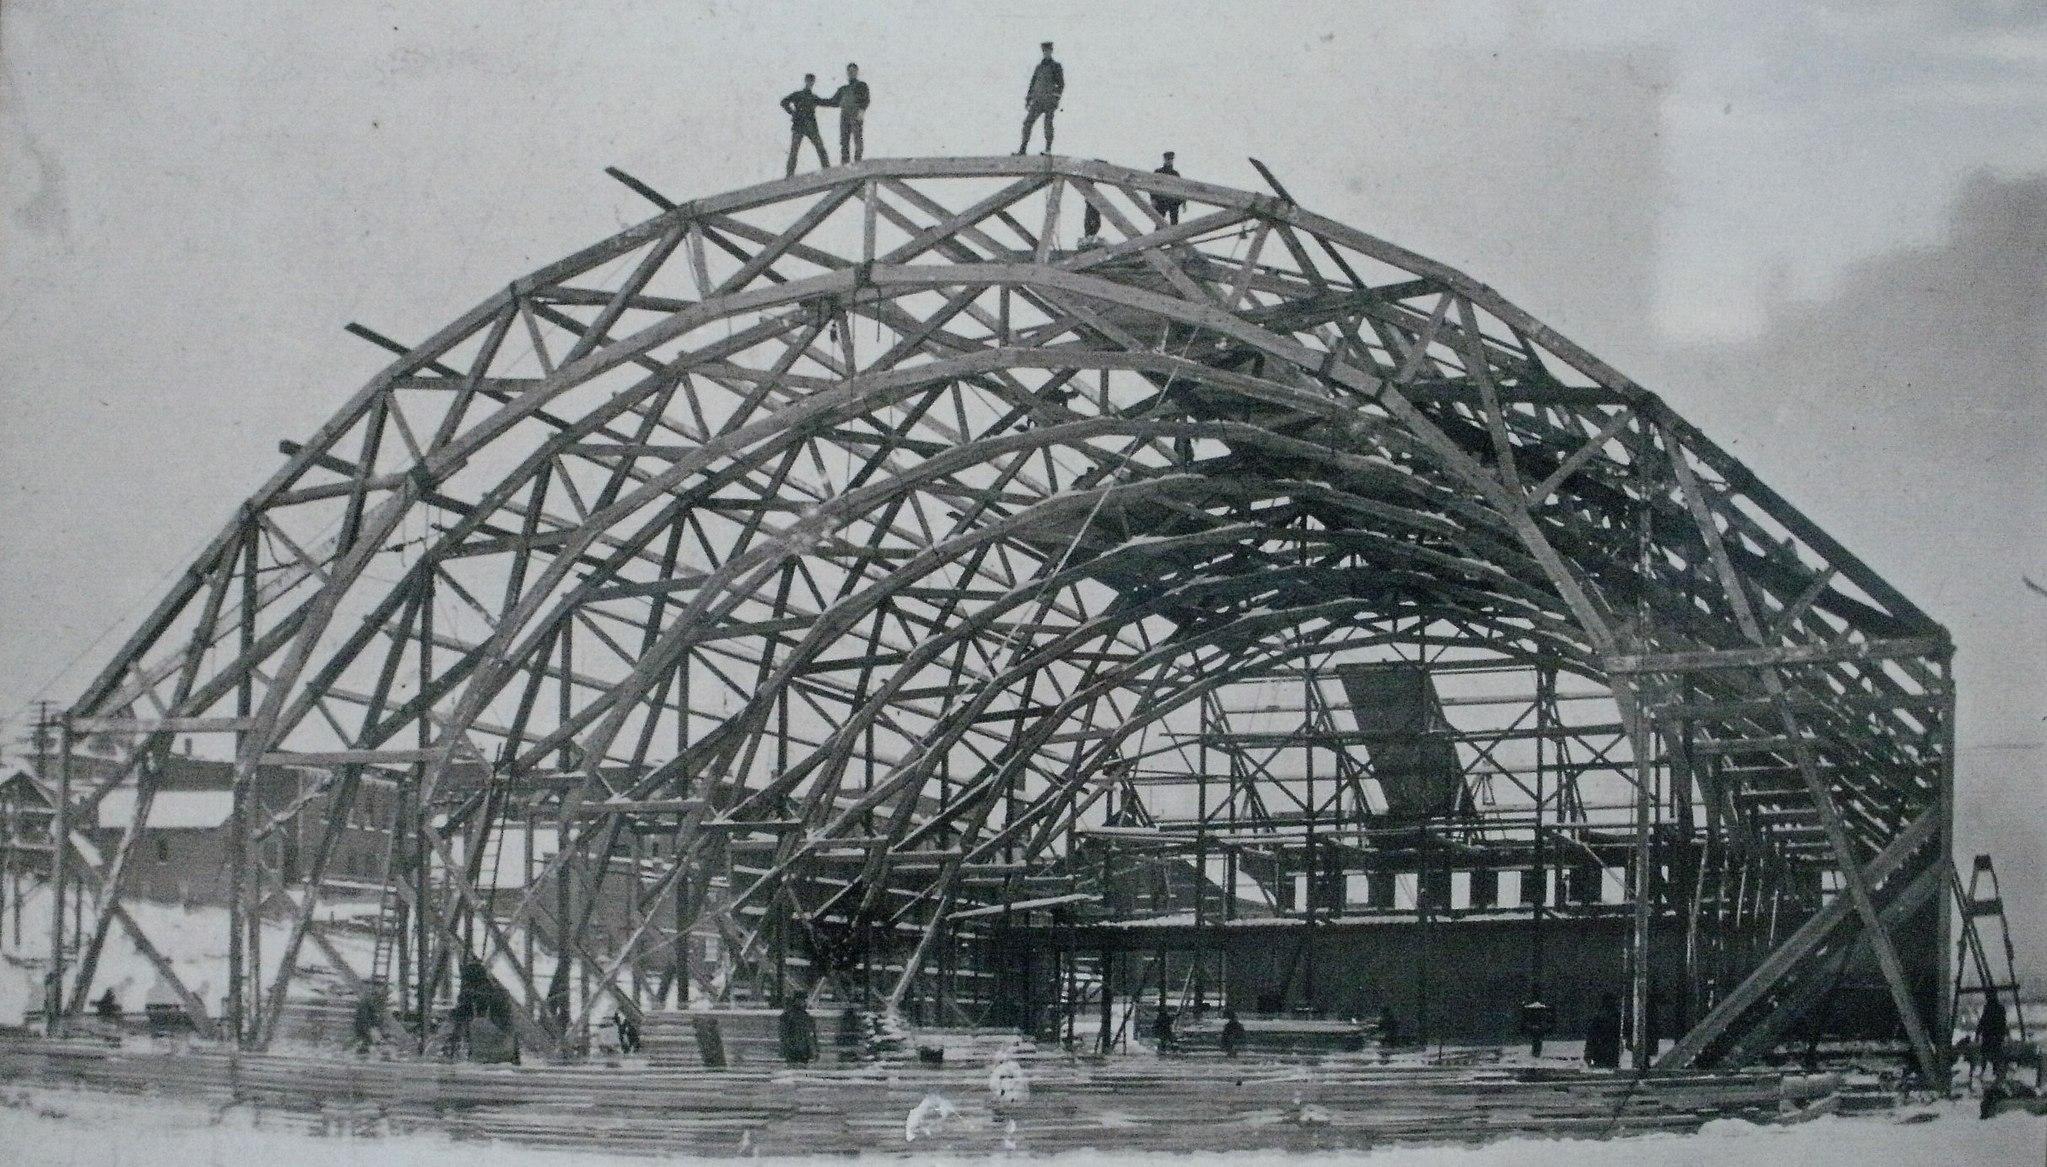 Amphidrome de Houghton en construction, 1902